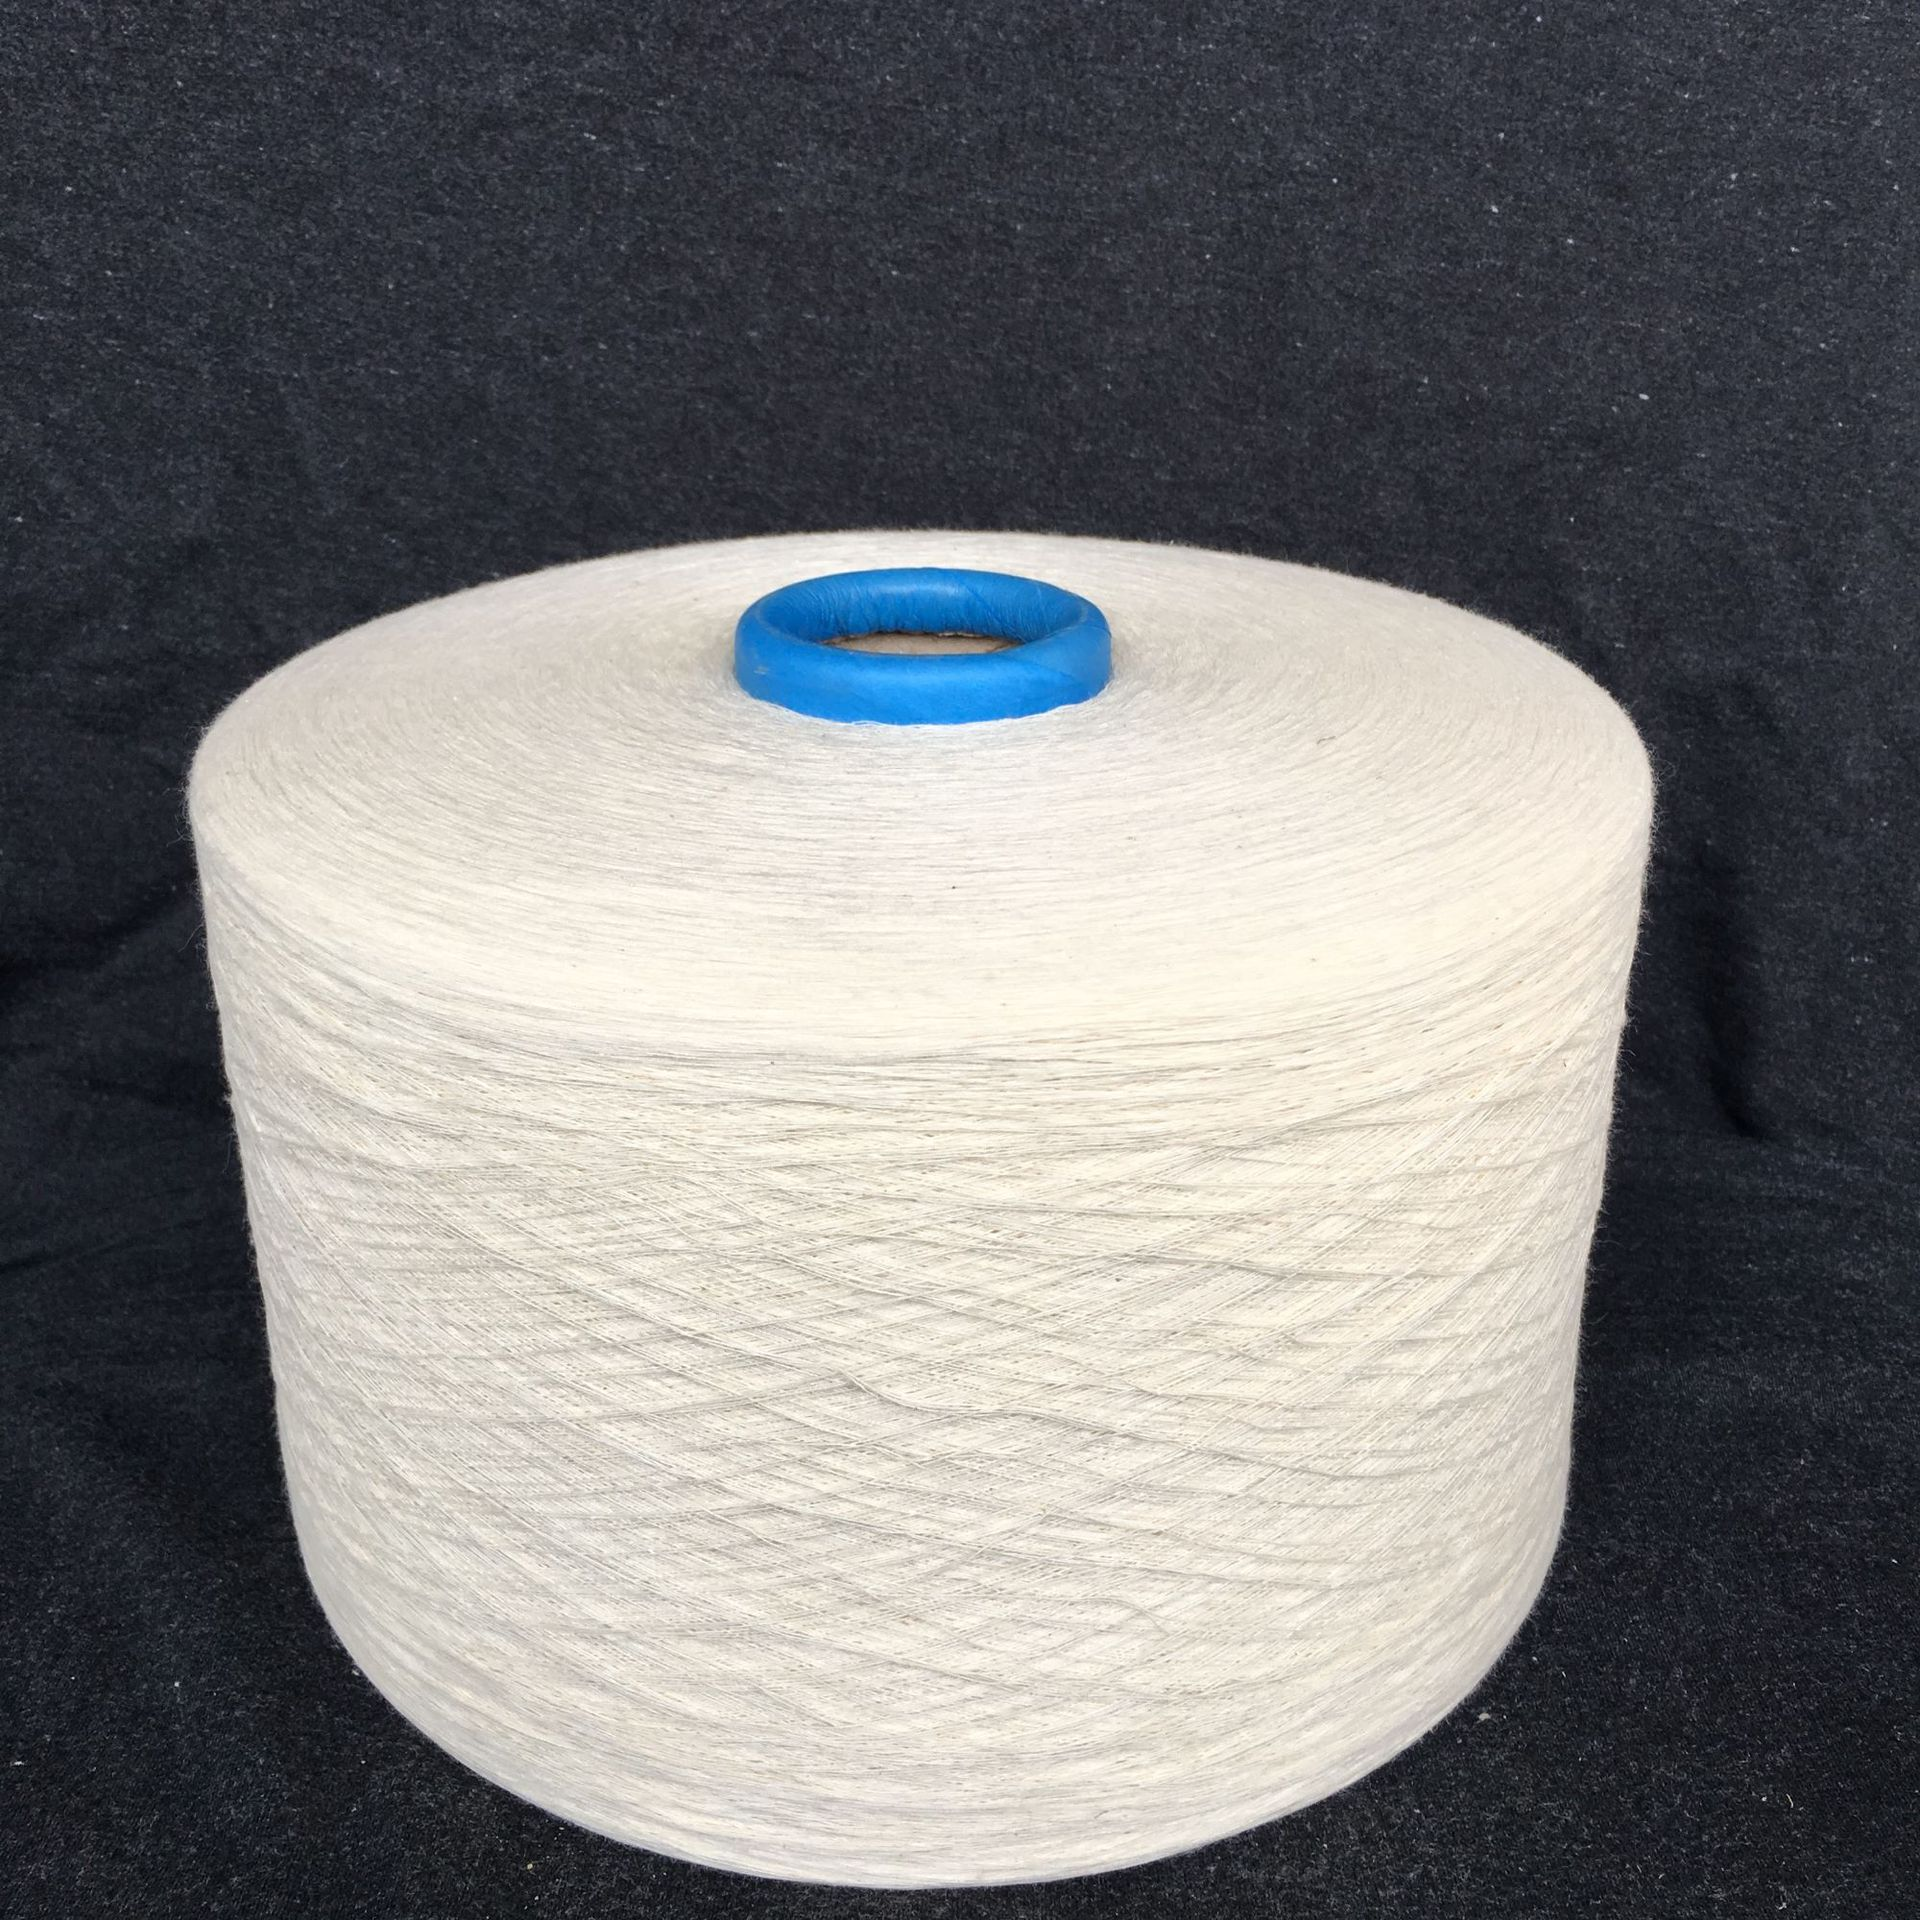 HENGTAI Sợi pha , sợi tổng hợp Mười sợi cotton pha trộn 21 mảnh 30 sợi polyester pha viscose sợi 32